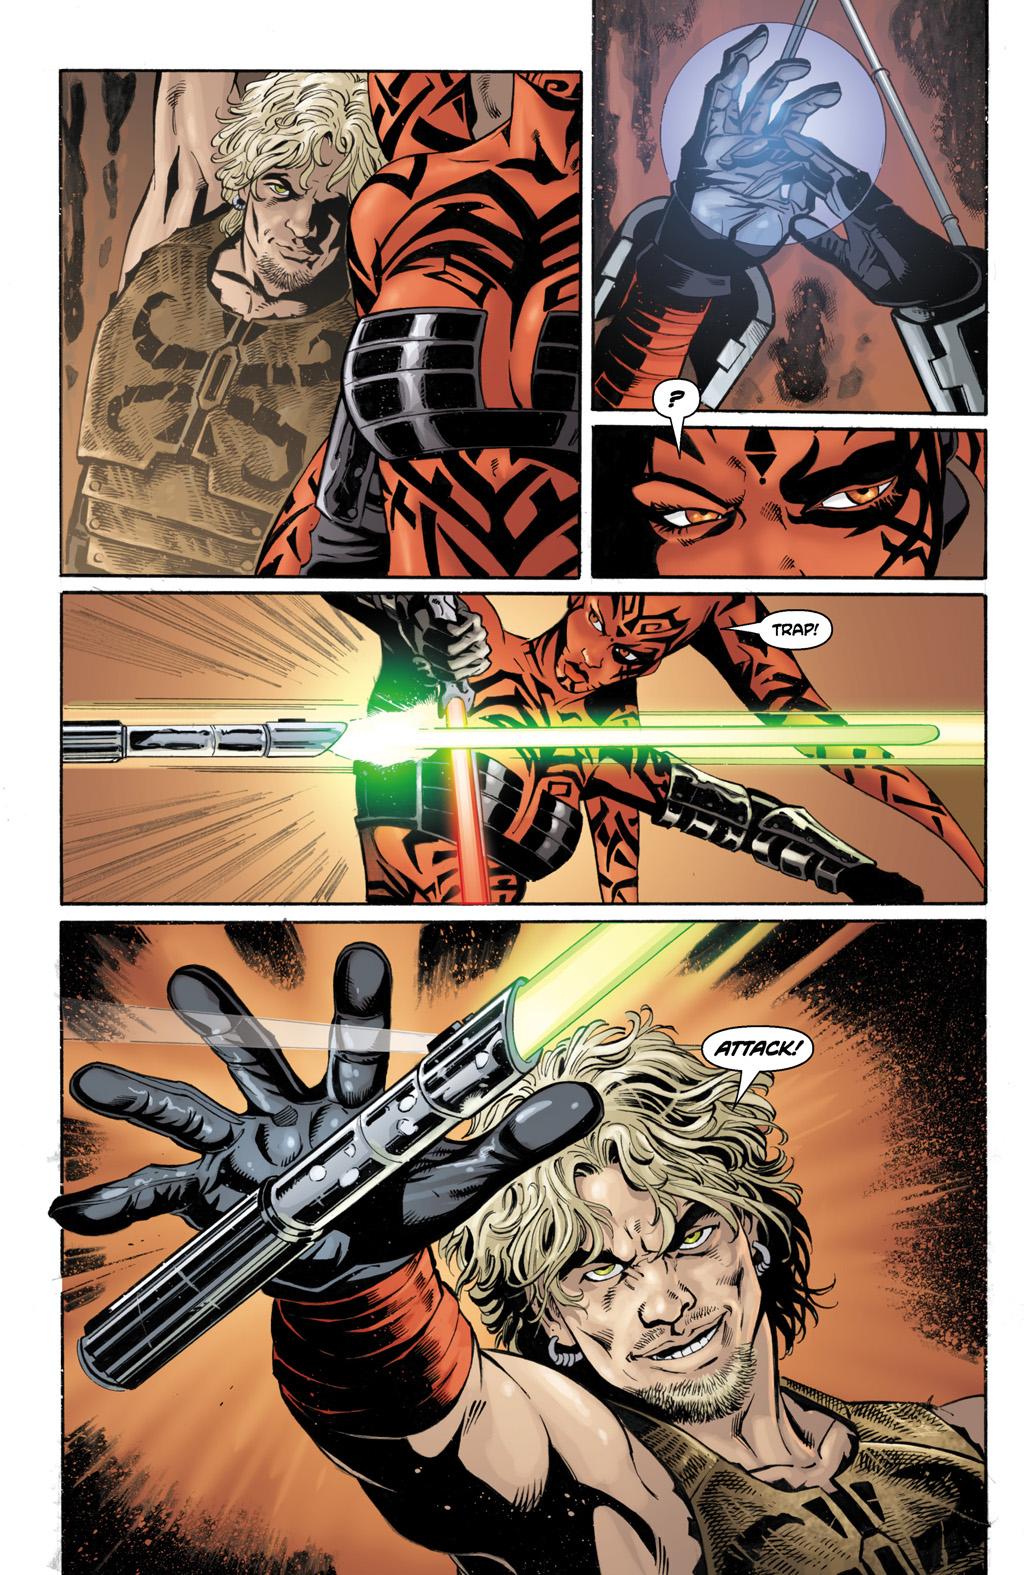 Comic-Only Fights Adapted To Novel Format 9OdHiNe3cKGXr48gNtKRJR08yCxoggSrS_U-hdRDpqImEuHrZKQsgPQI-1jlzflIBtQdu1M8lTo=s1600